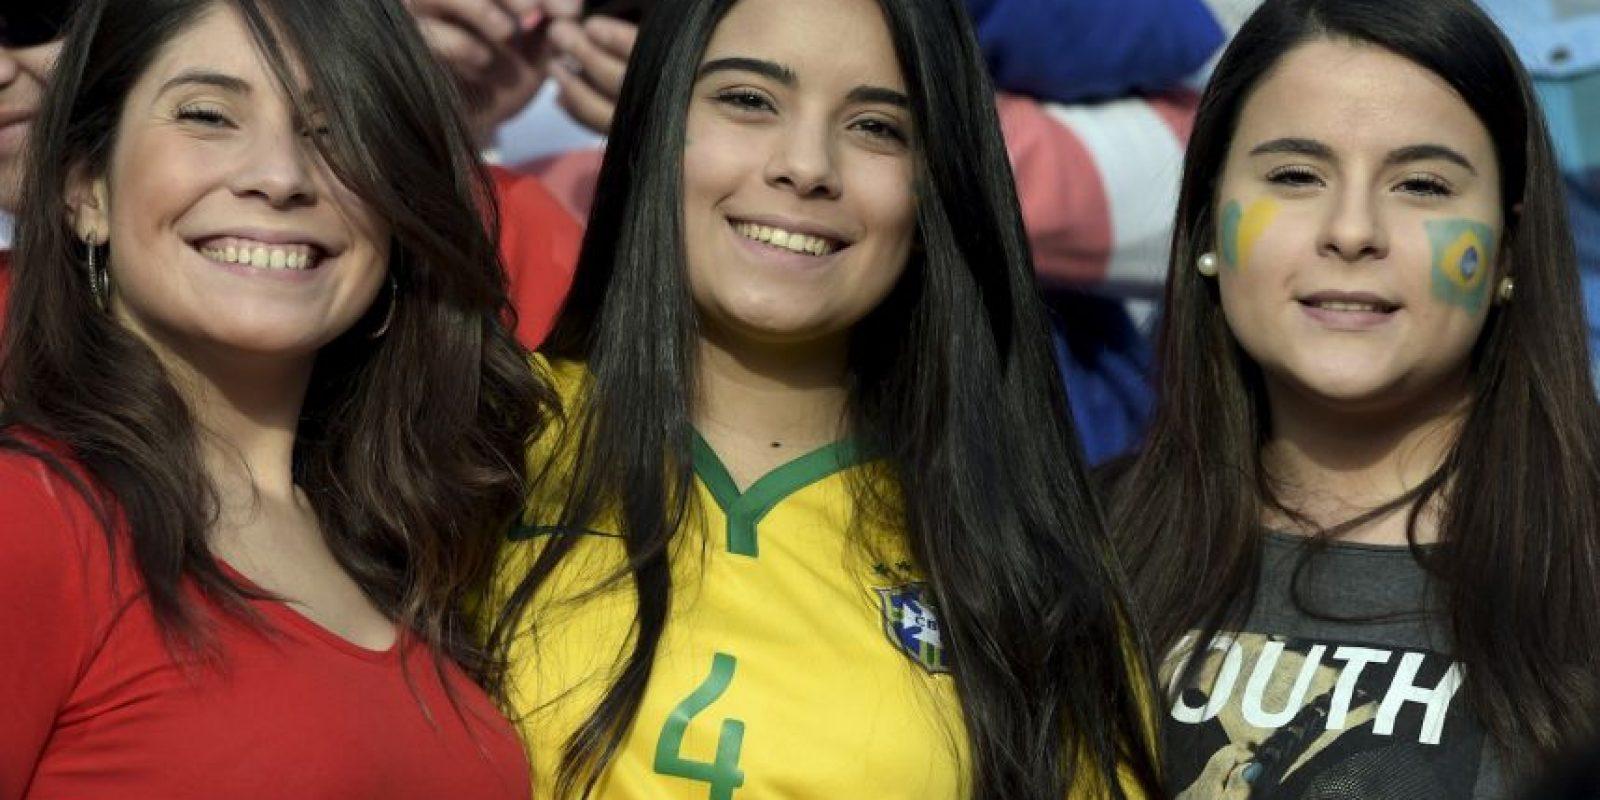 La belleza llegó a las gradas del estadio Ester Roa para el Brasil vs. Paraguay. Foto:AFP